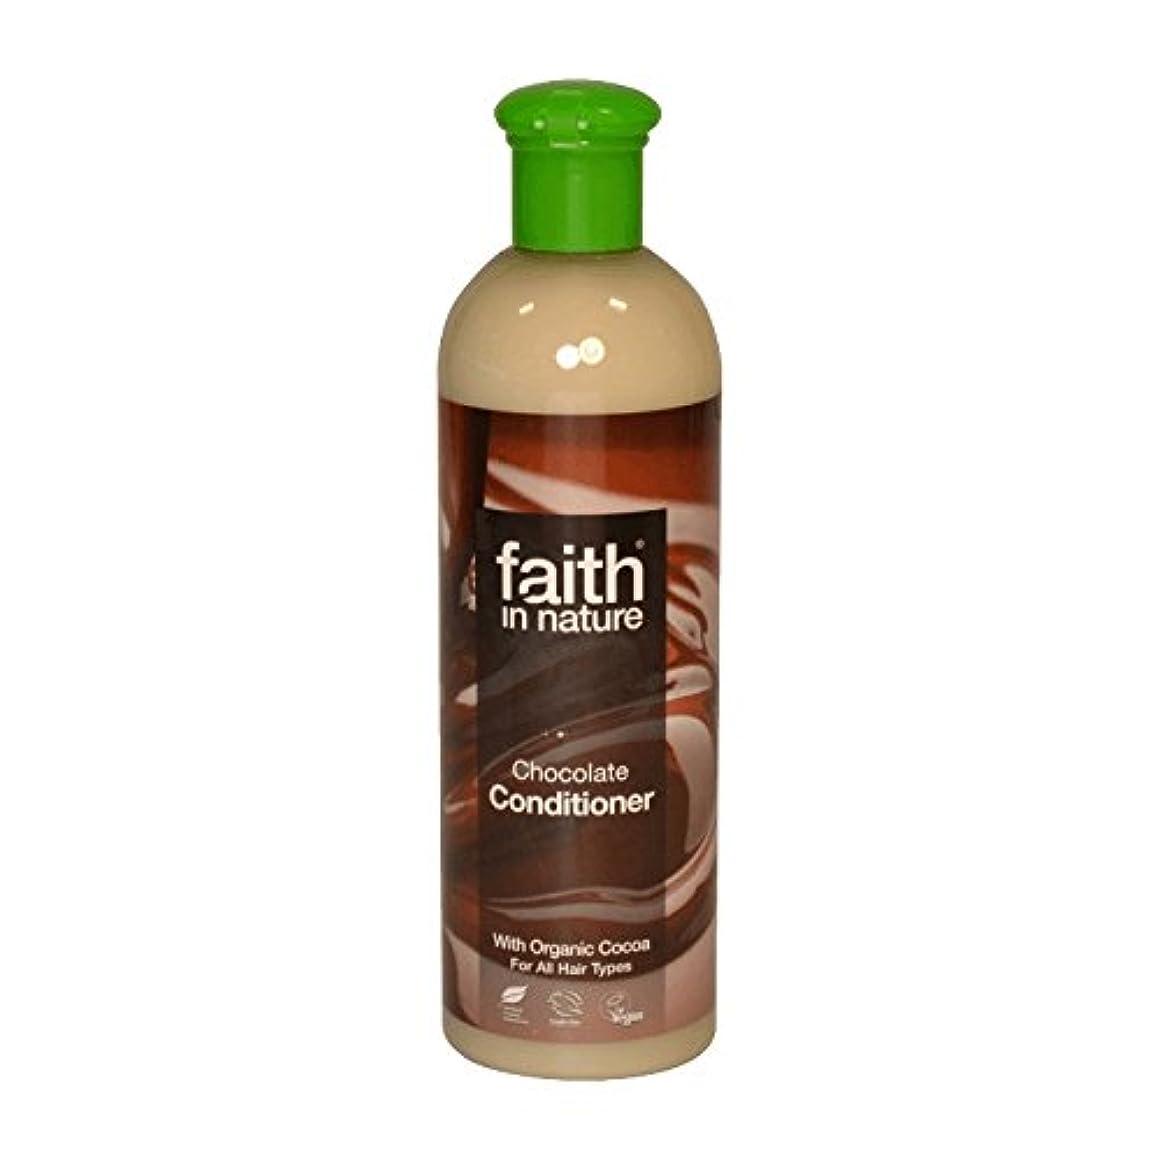 最も遠い未亡人魅惑的なFaith In Nature Chocolate Conditioner 400ml (Pack of 6) - 自然チョコレートコンディショナー400ミリリットルの信仰 (x6) [並行輸入品]